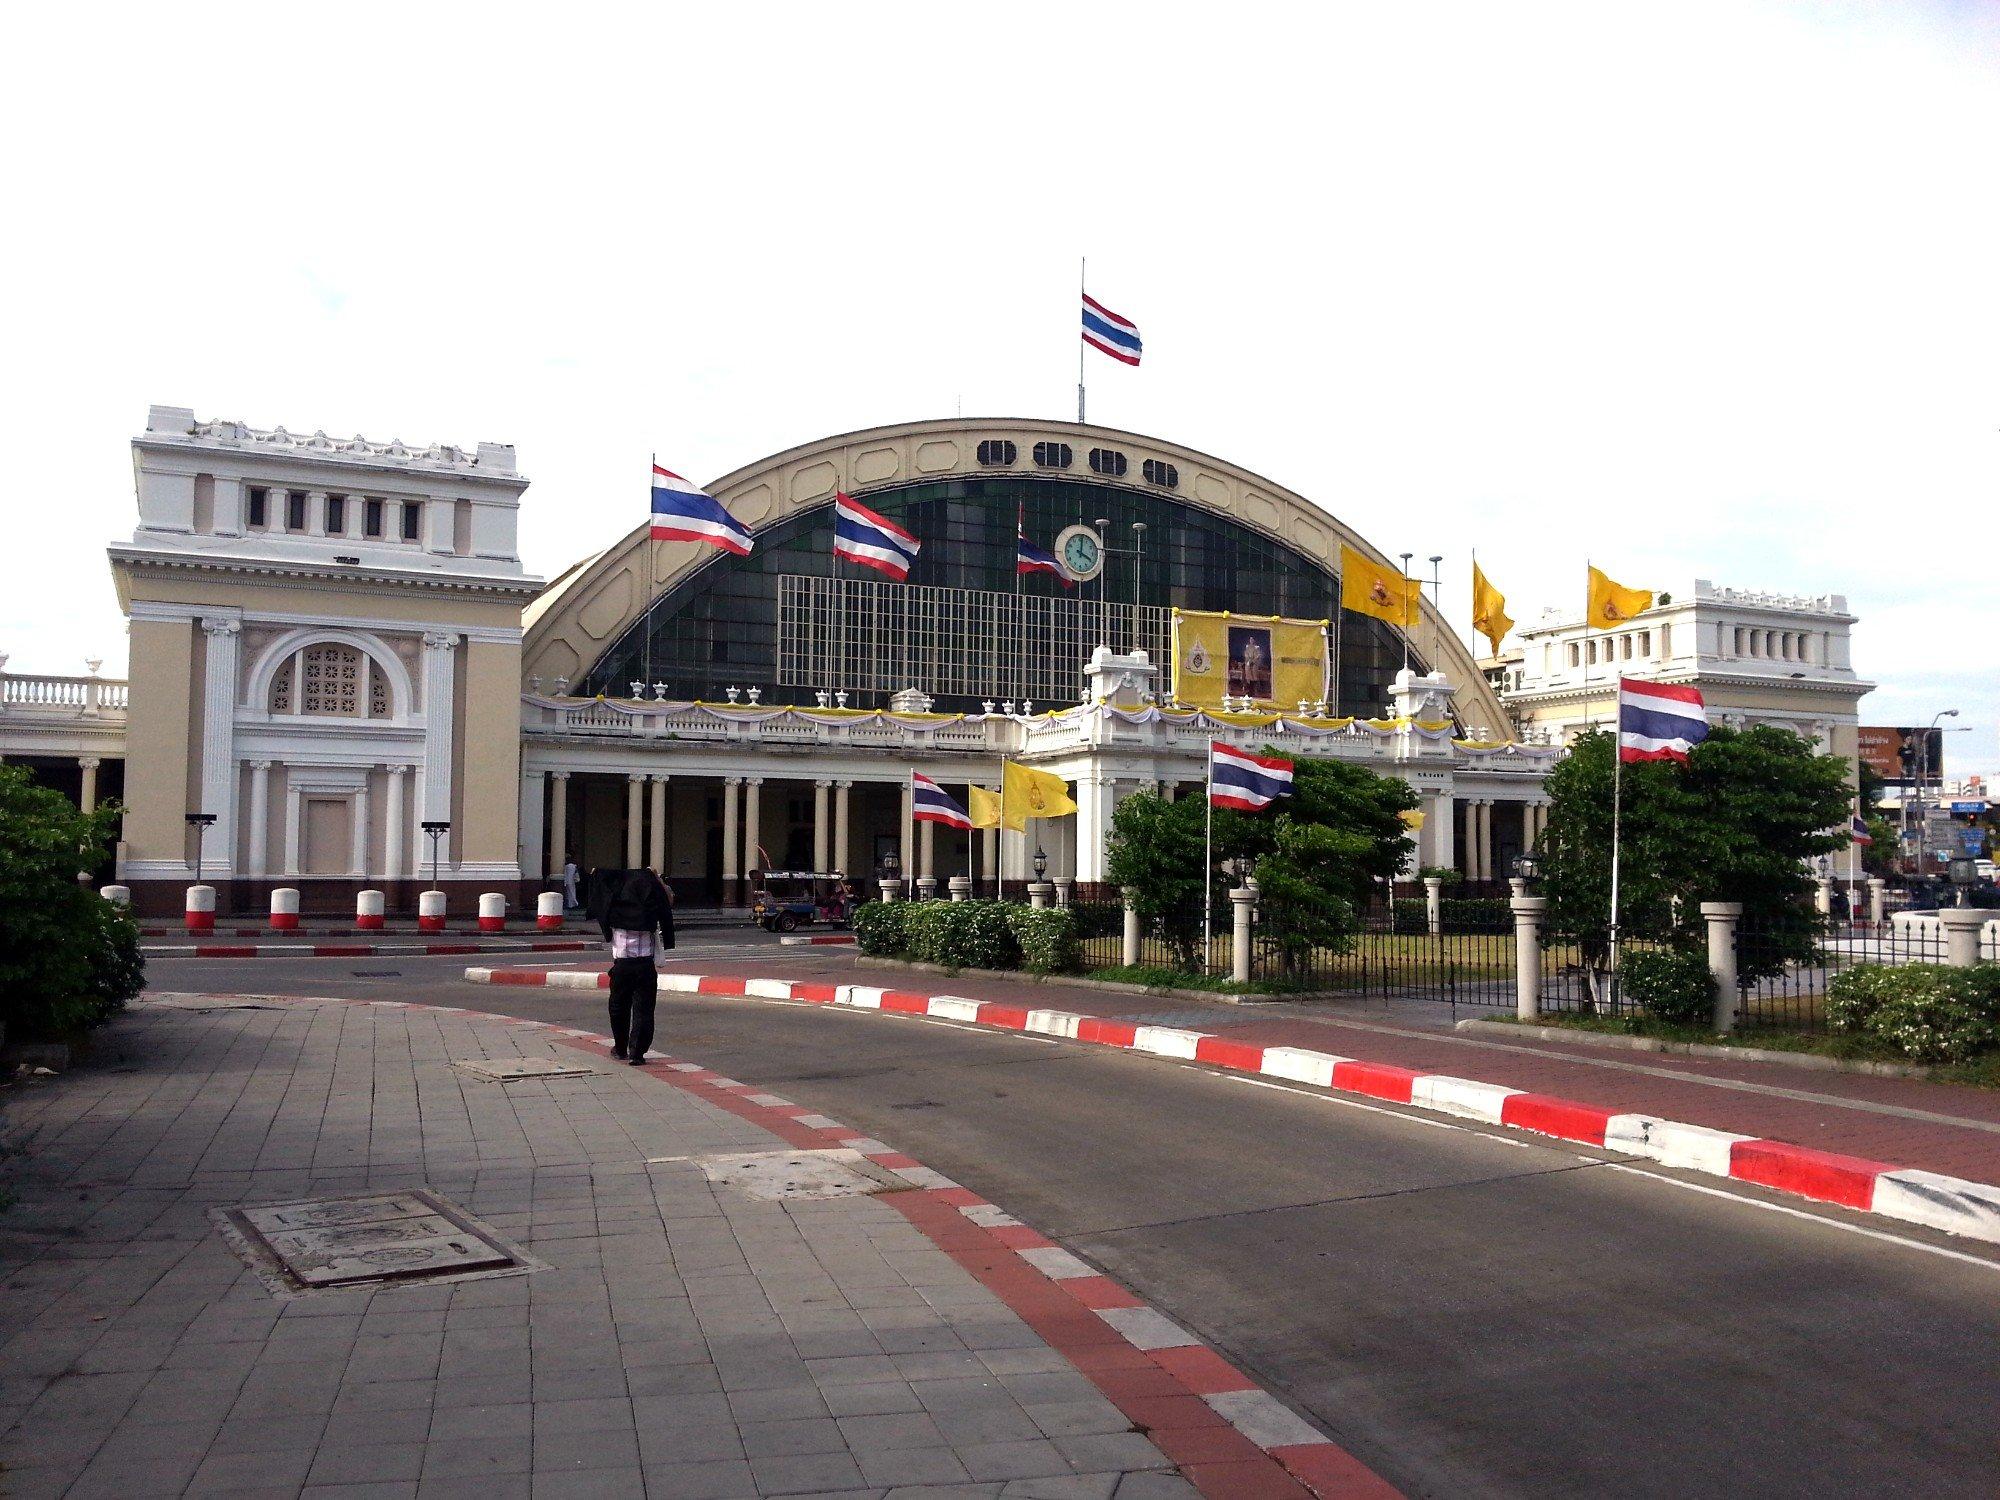 Bangkok's main railway station is called Hua Lamphong